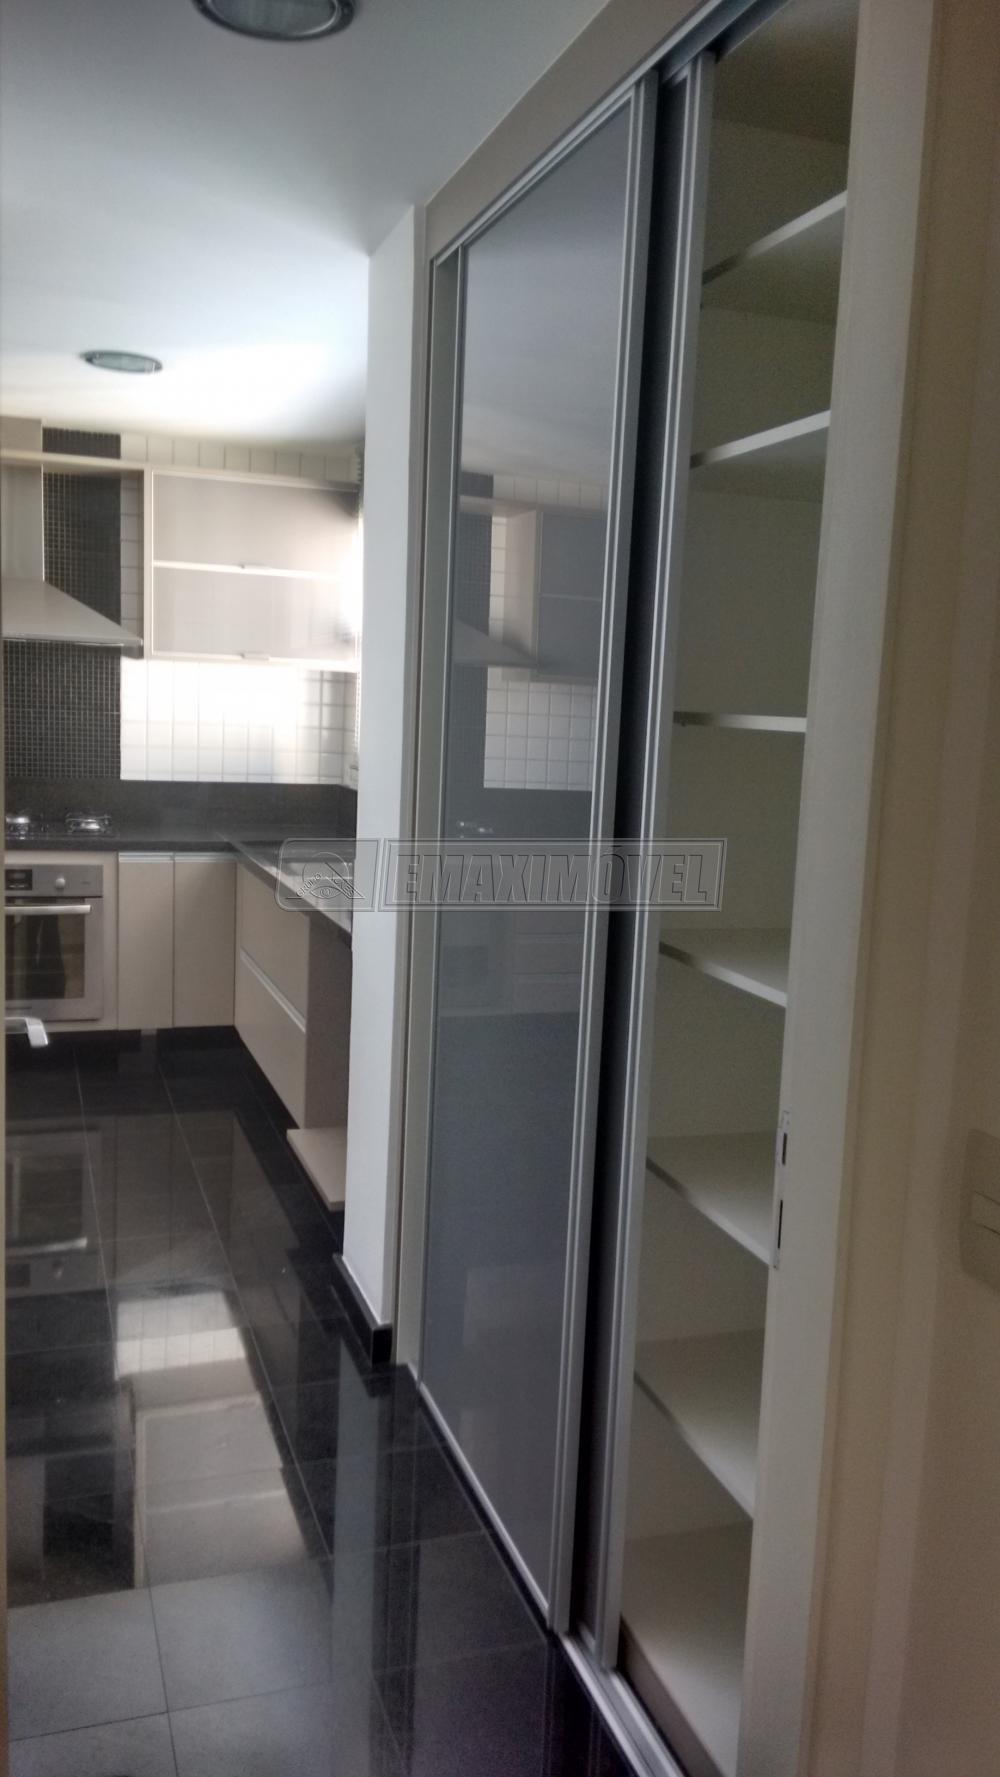 Comprar Apartamentos / Apto Padrão em Sorocaba apenas R$ 1.400.000,00 - Foto 24